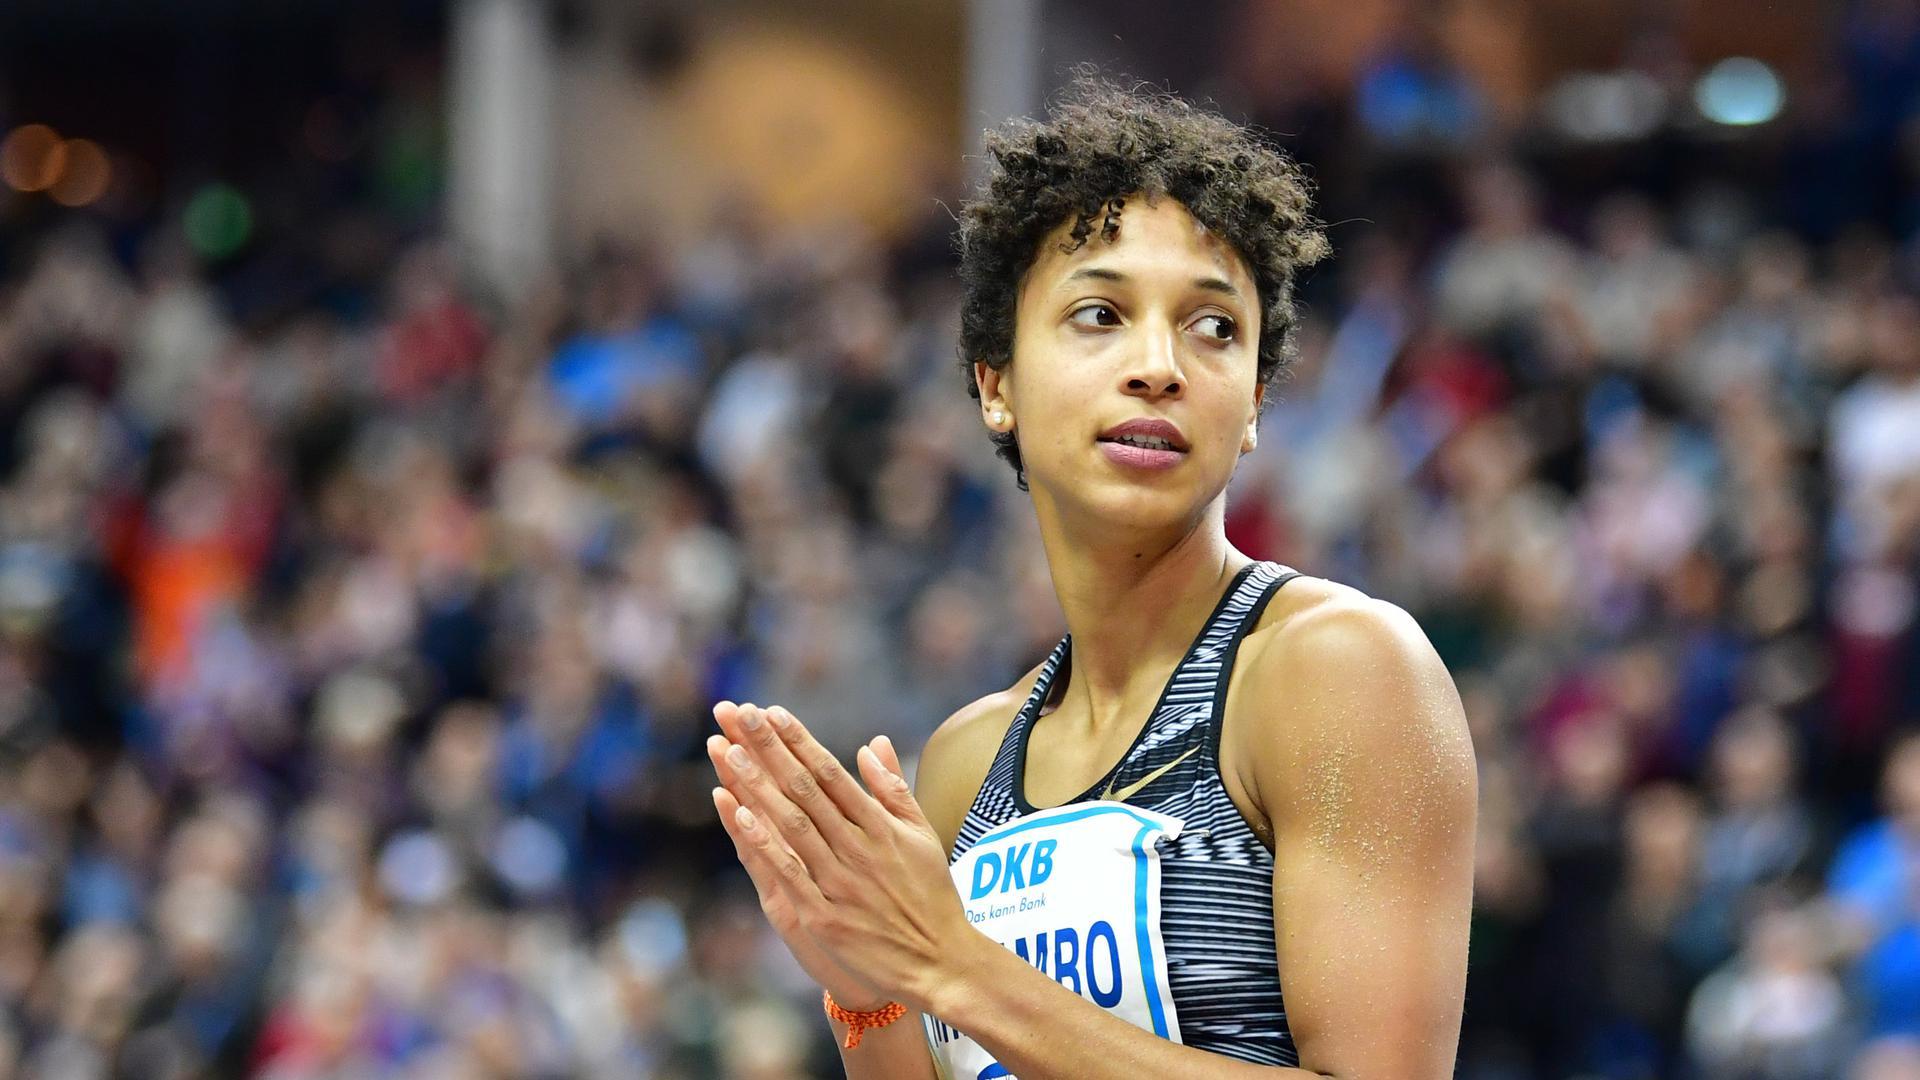 Die deutsche Sportlerin Malaika Mihambo.